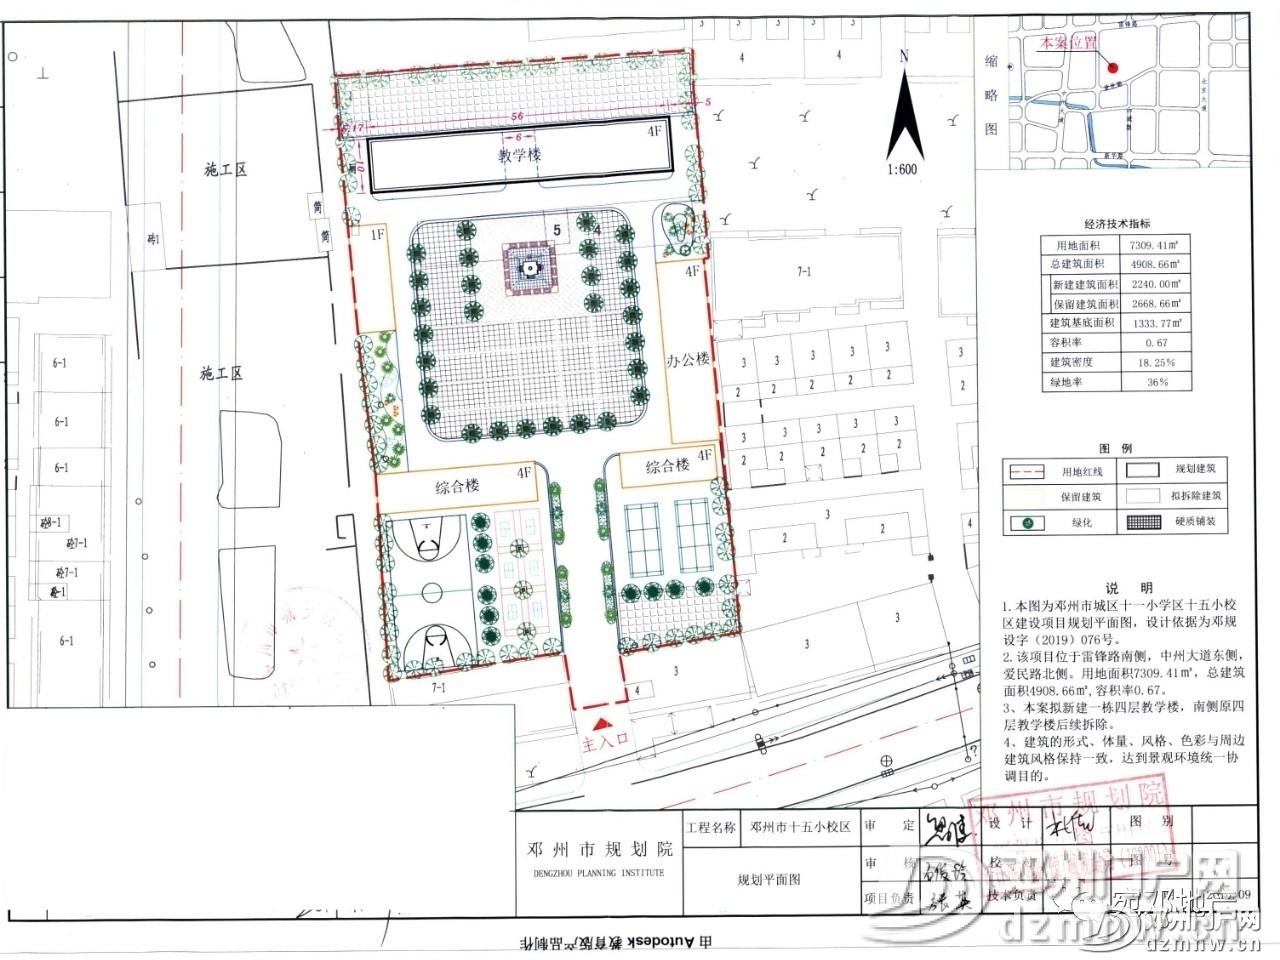 快看在哪?邓州新增五所学校和一个楼盘建设用地规划许可公示! - 邓州门户网 邓州网 - 9d939459dad3971e4c8a4585ef1030c1.jpg